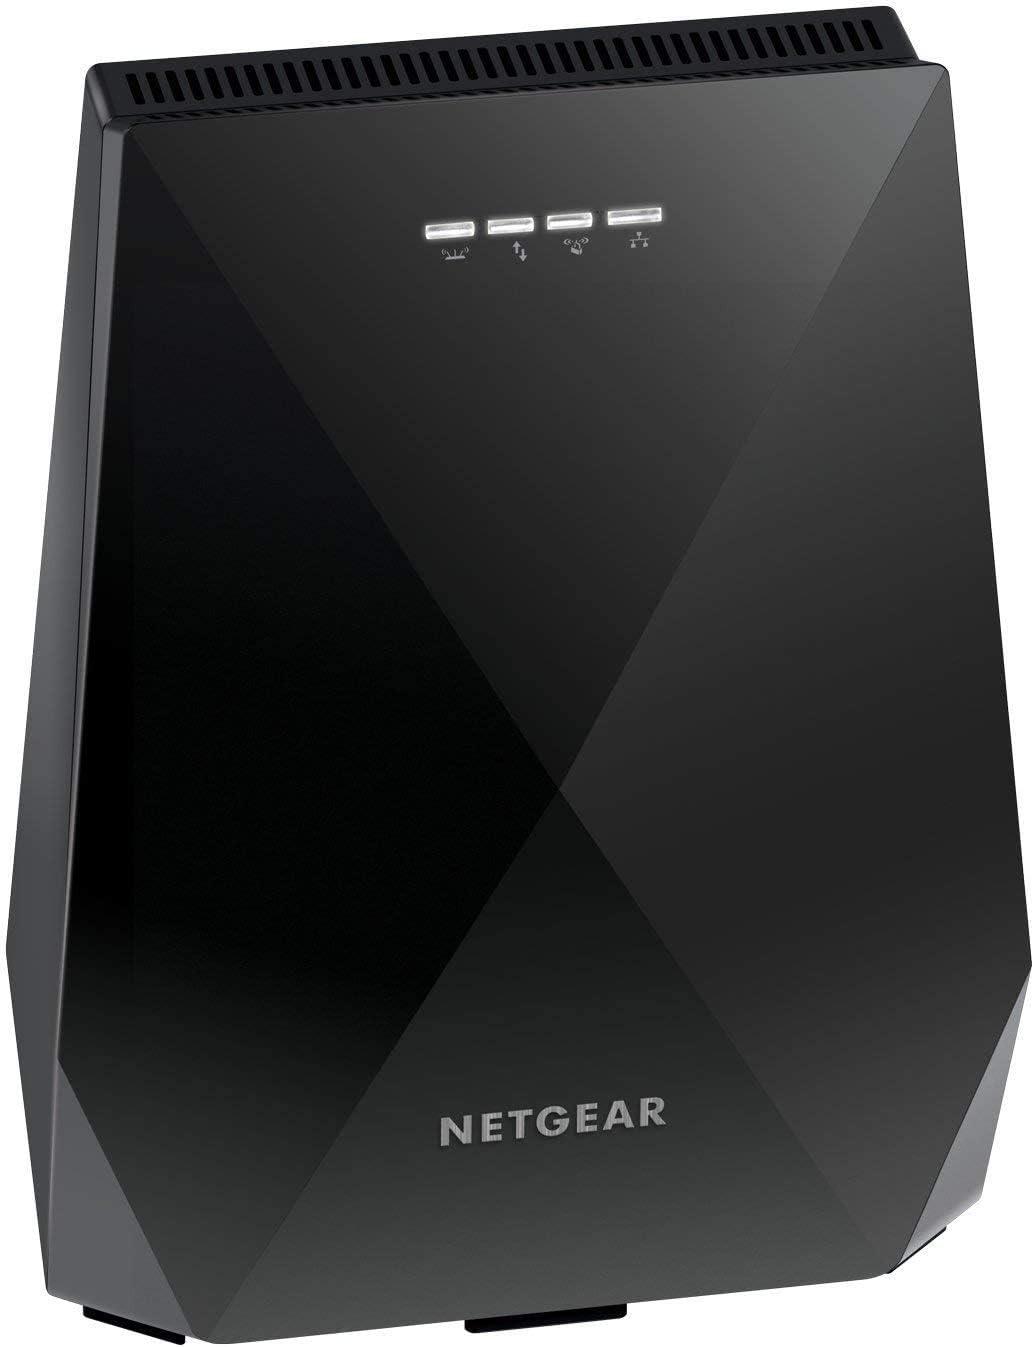 NETGEAR EX7700 WiFi Mesh Range Extender